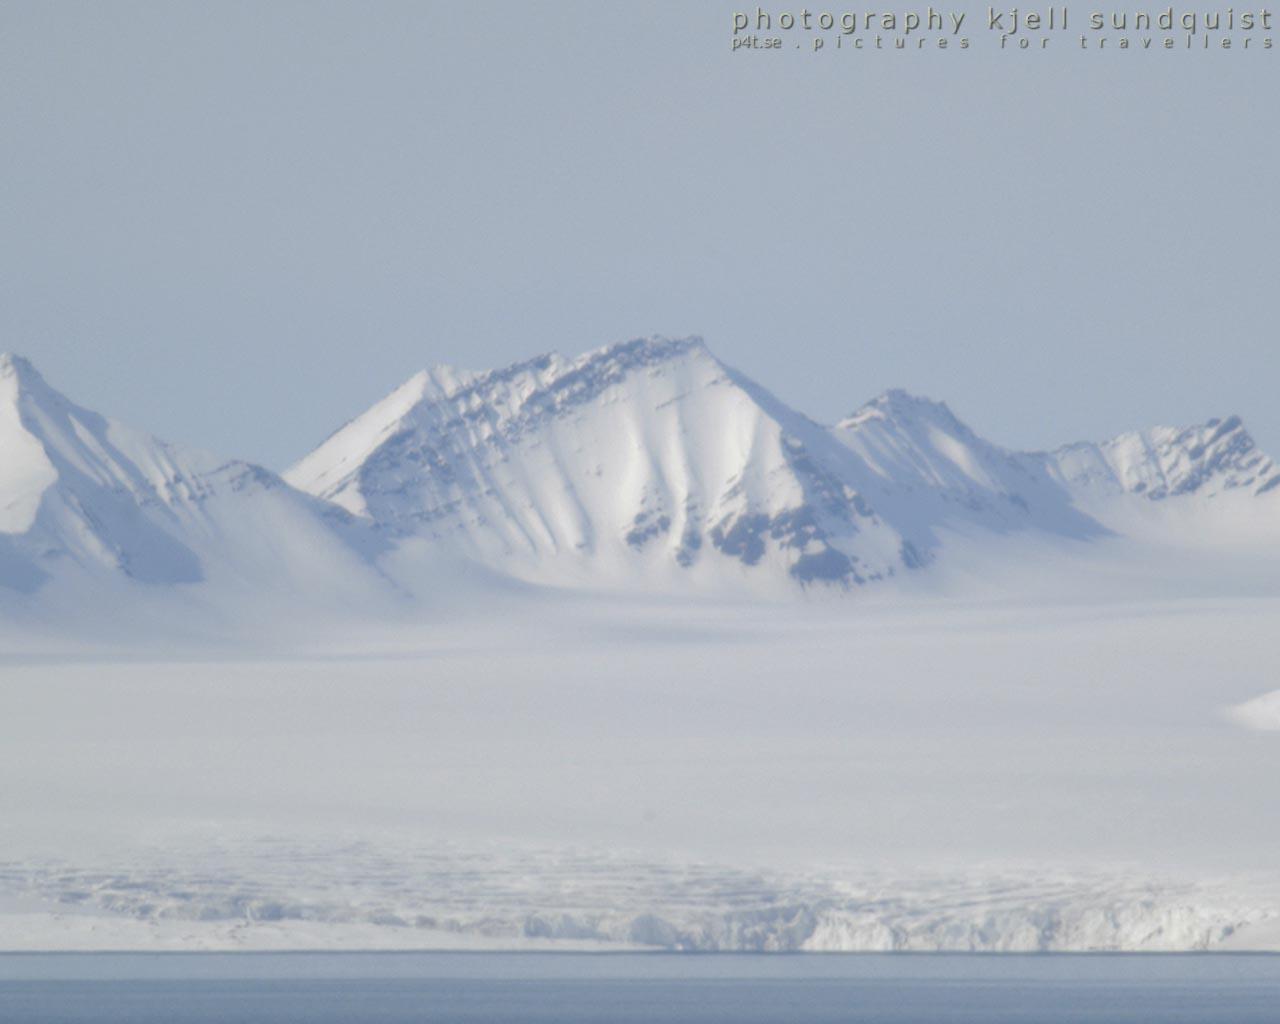 http://4.bp.blogspot.com/_VT6miwsaU68/TGf51463VLI/AAAAAAAAAUI/jMawg8gKtdI/s1600/Wallpaper+Svalbard+01+1280+x+1024.jpg